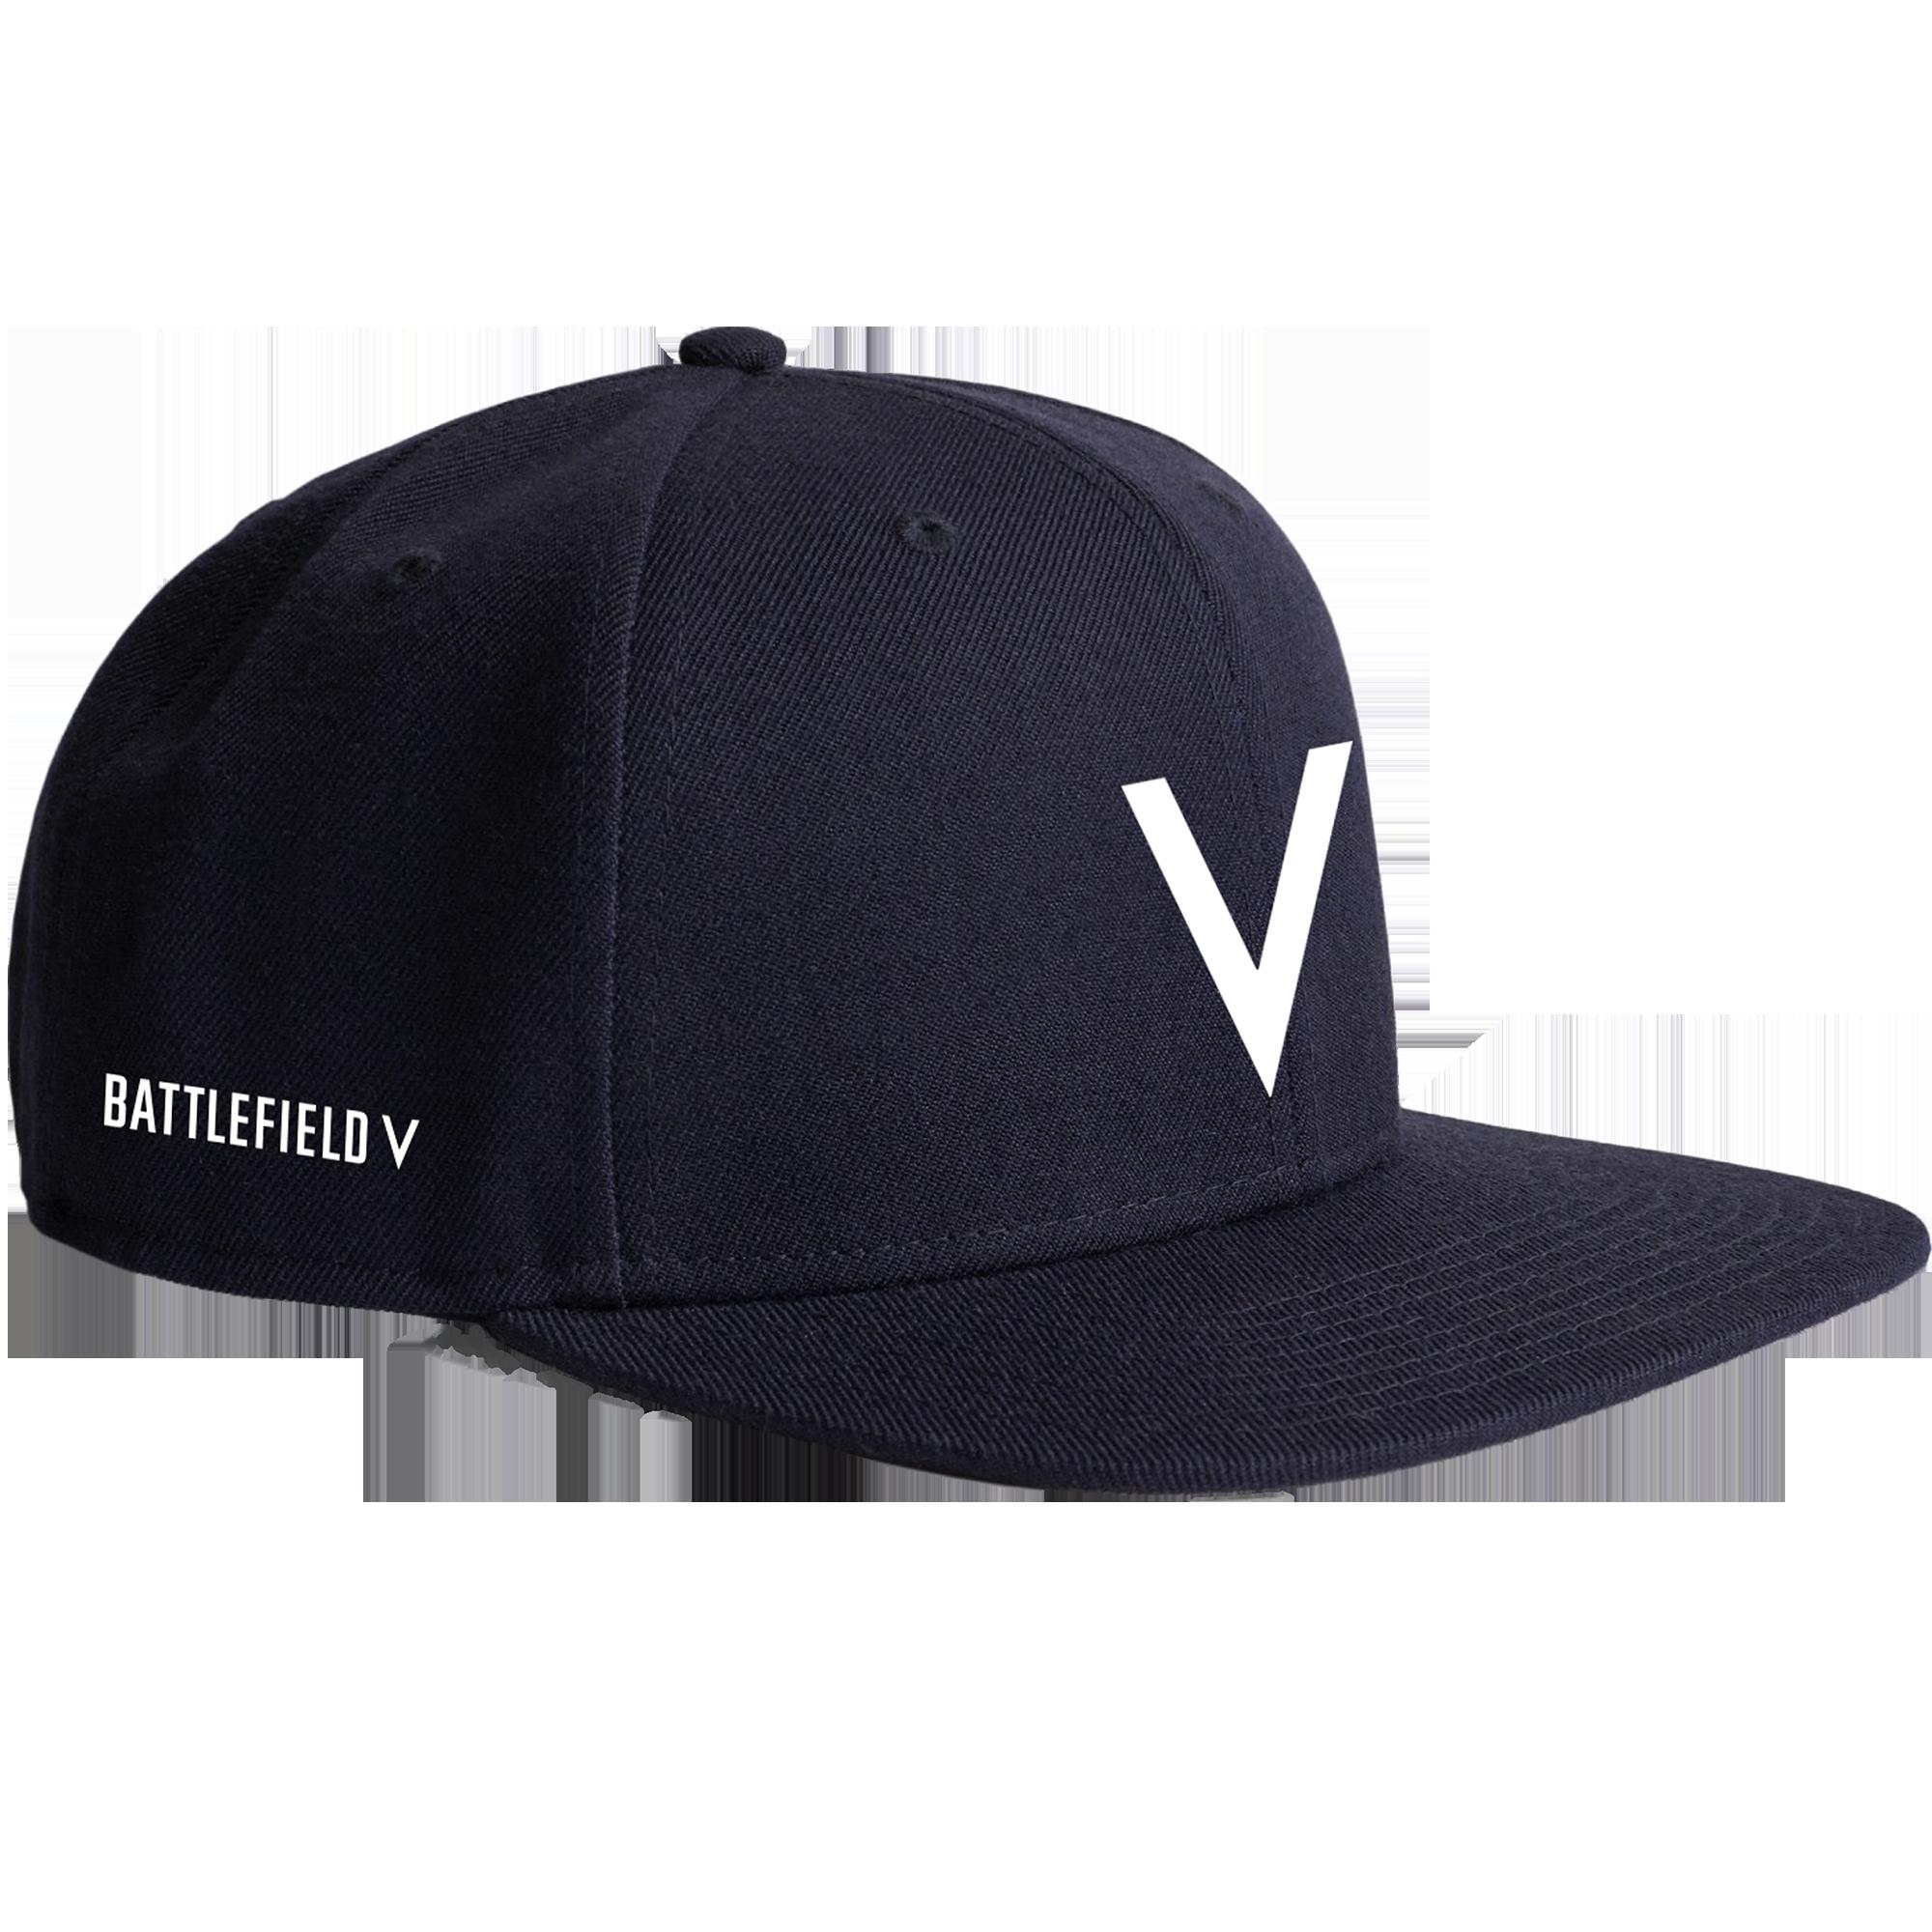 45bc70dcf47 Buy Battlefield V Navy Snapback Hat - Microsoft Store